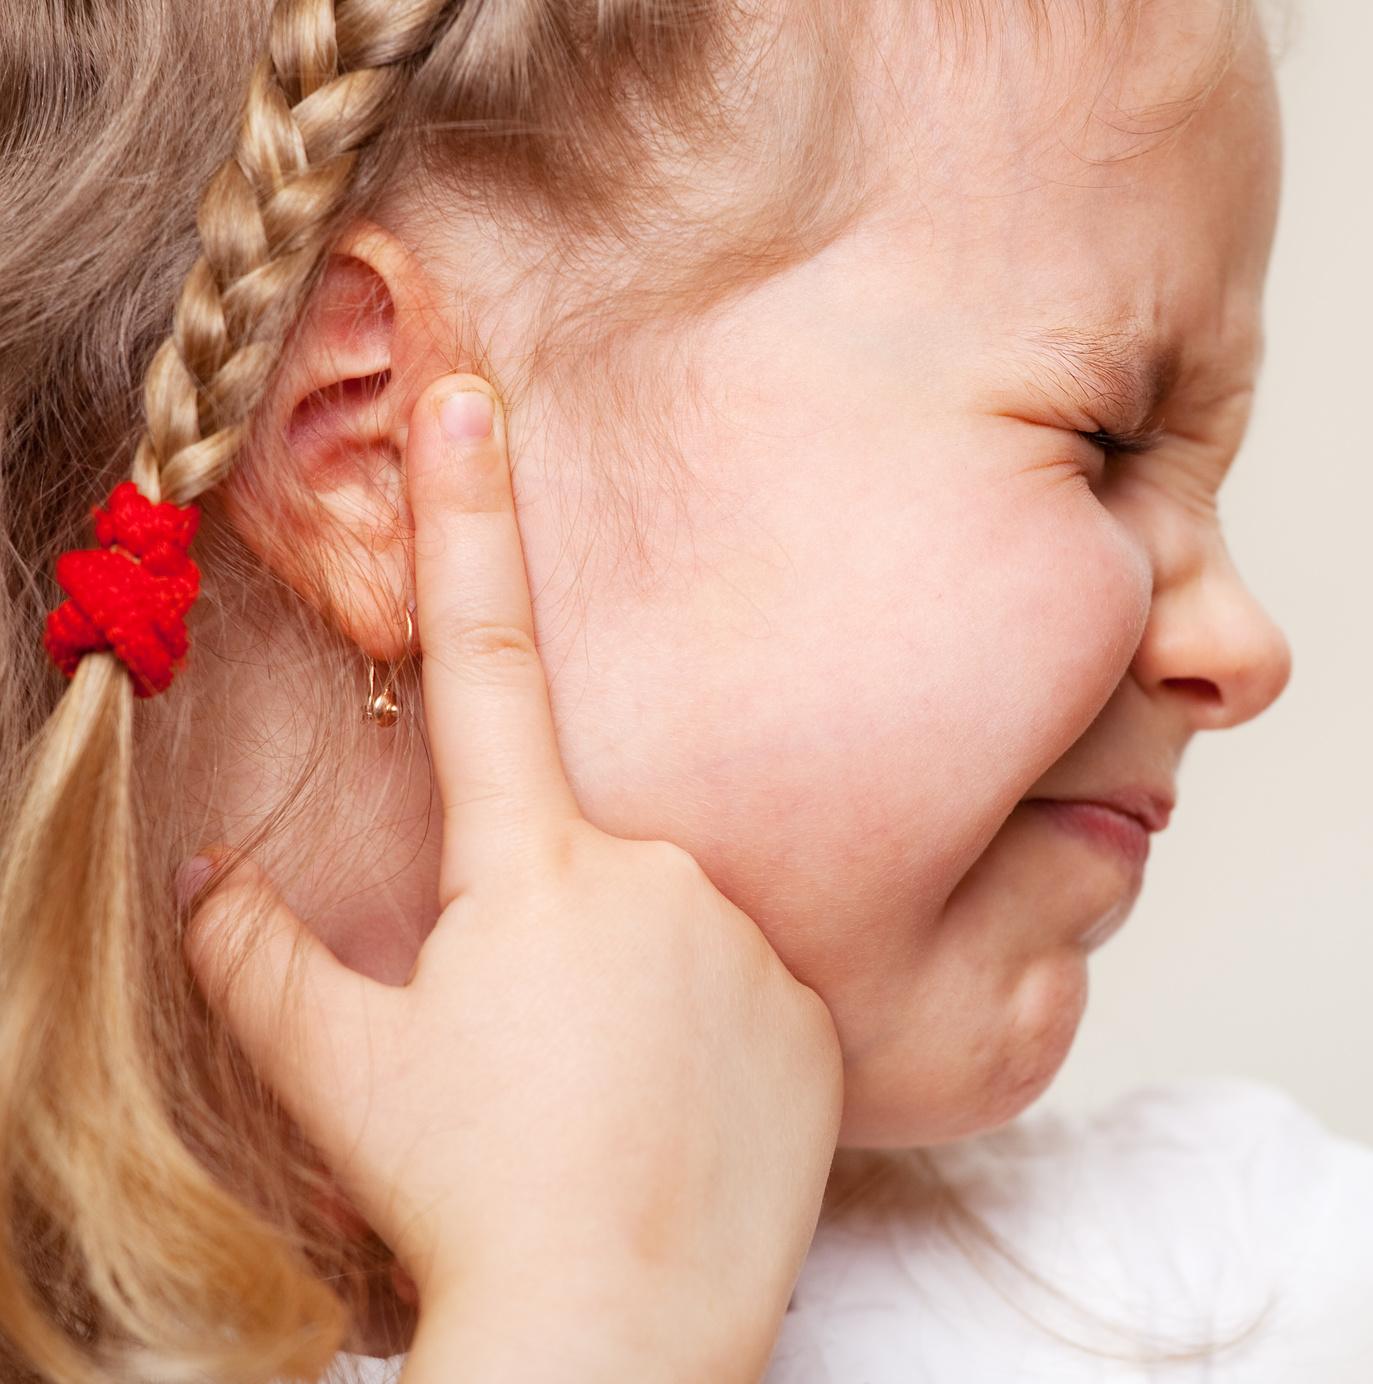 Dolor oido derecho homeopatia